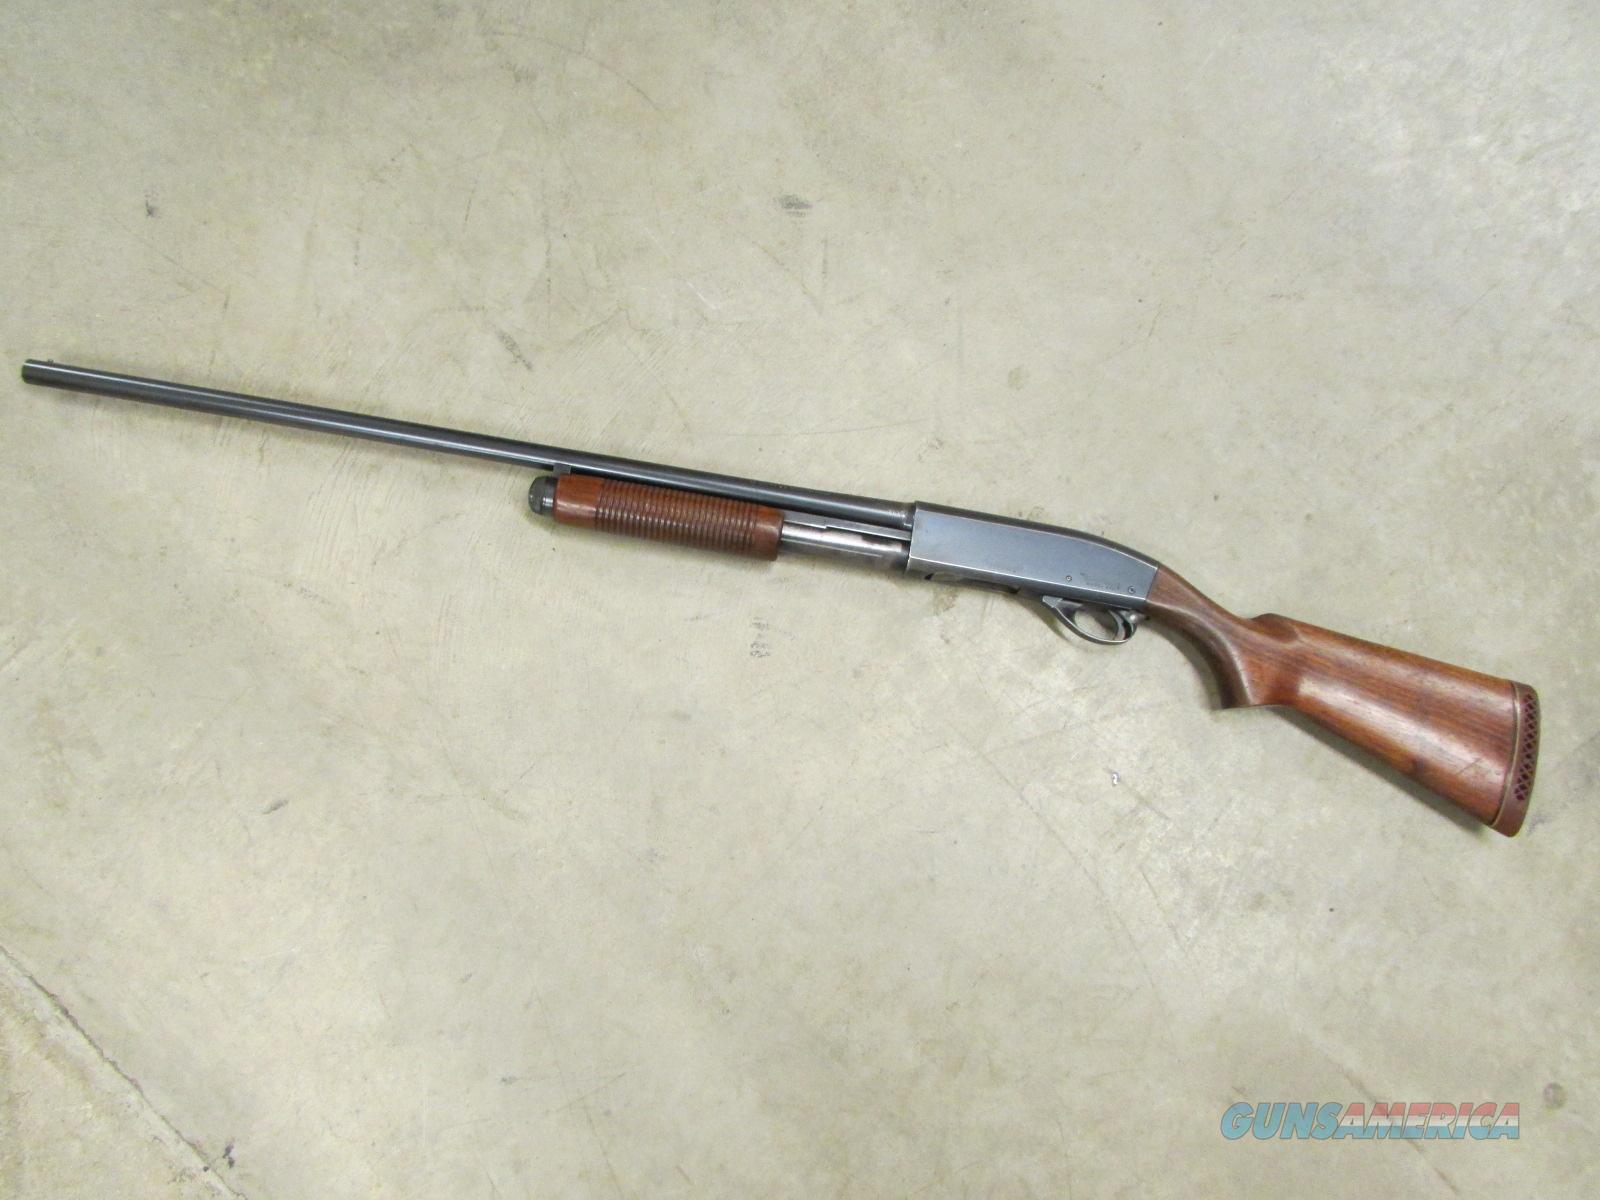 16 guage remington shot gun vintage pics 145